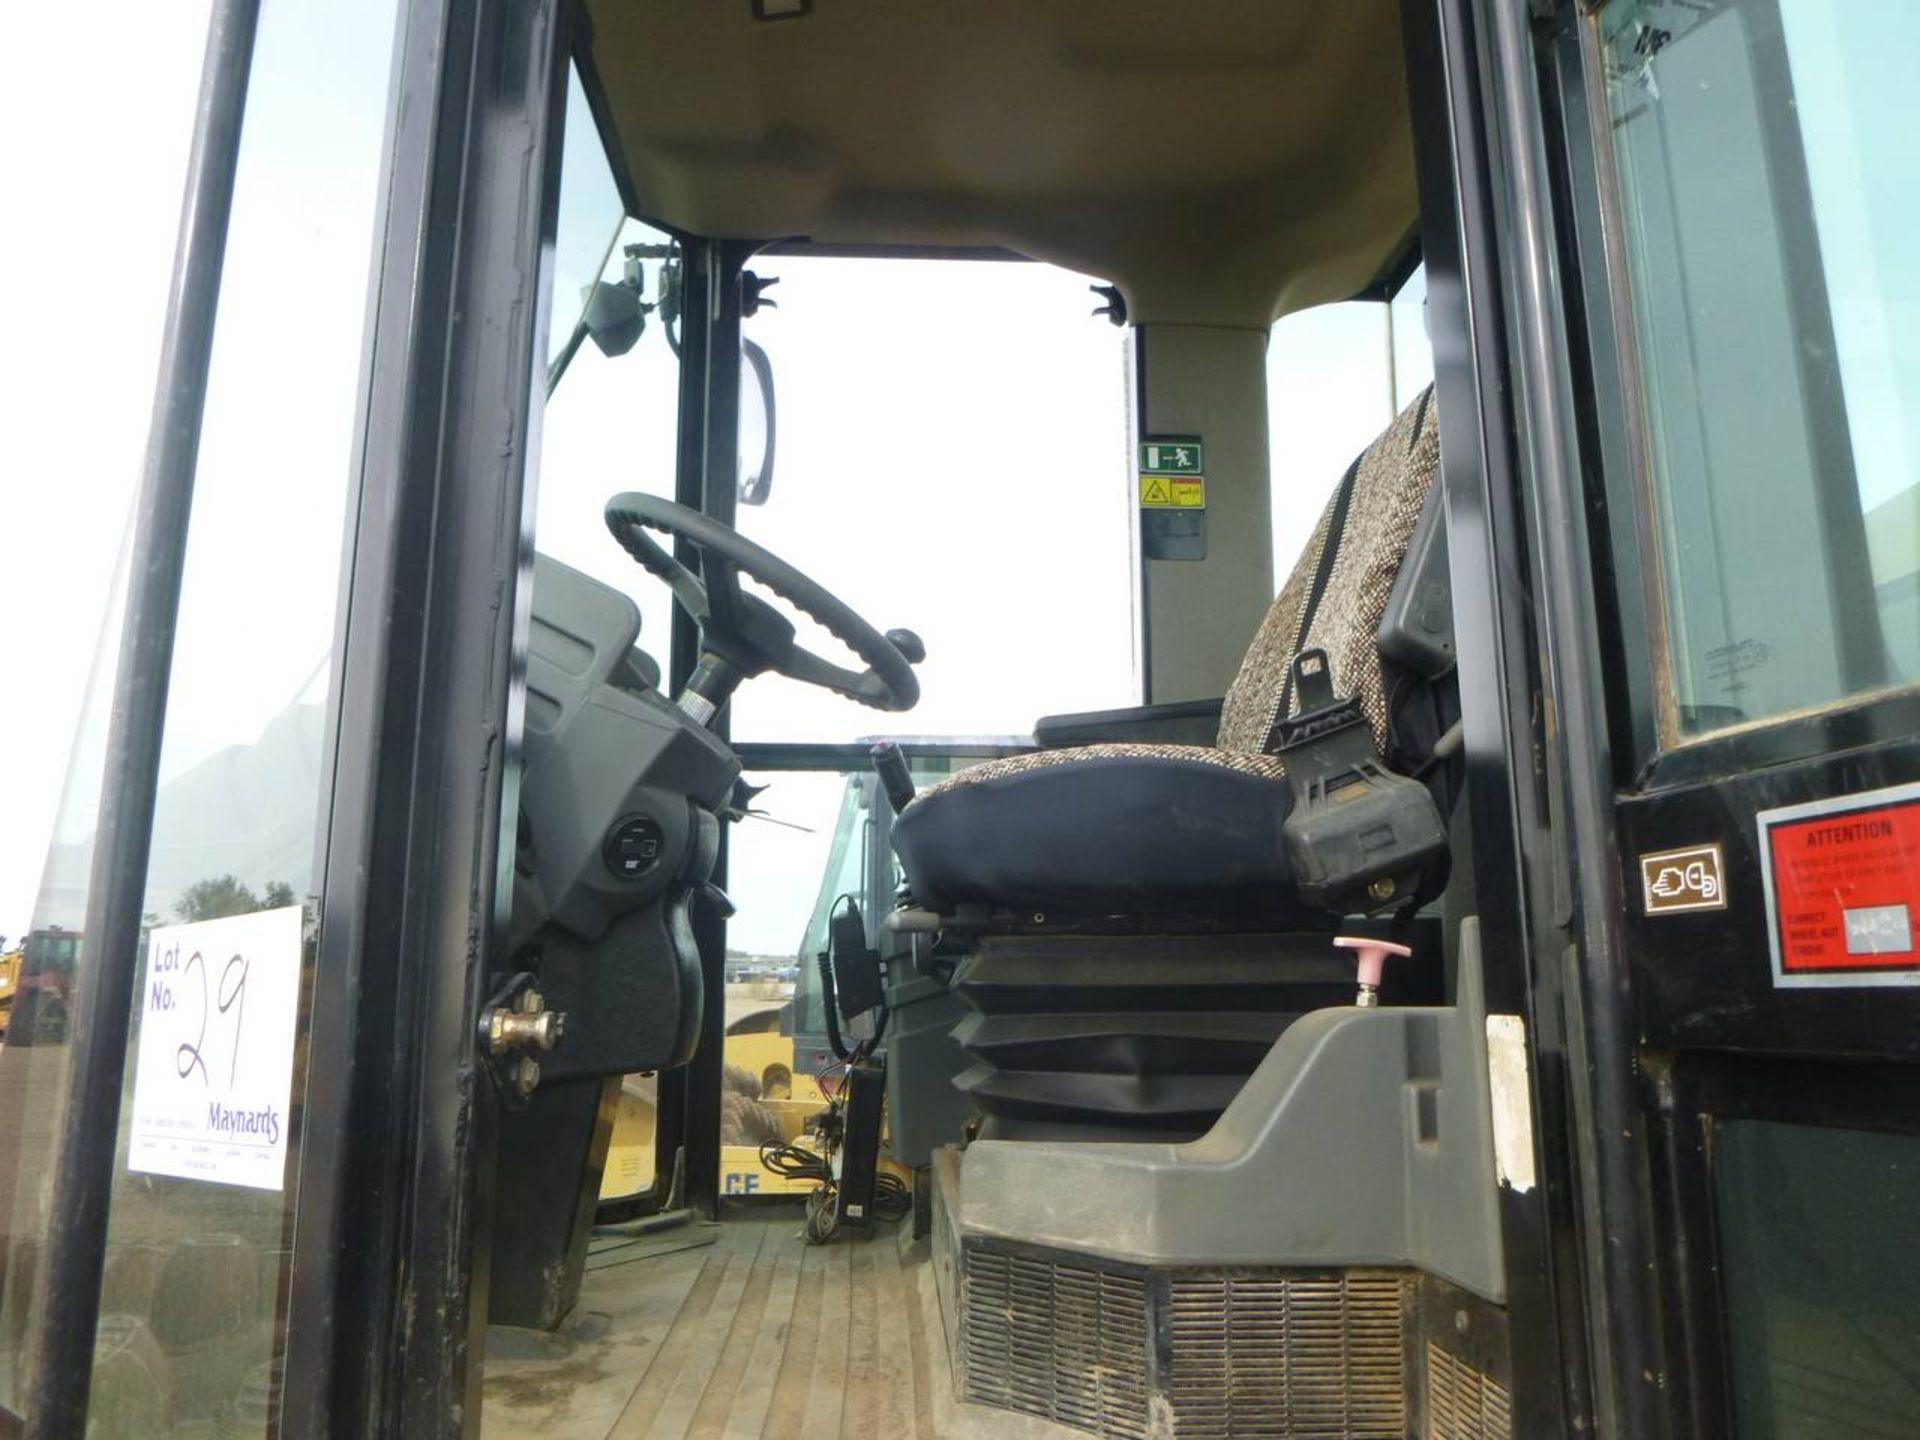 2007 Caterpillar CP-563E Compactor - Image 7 of 9